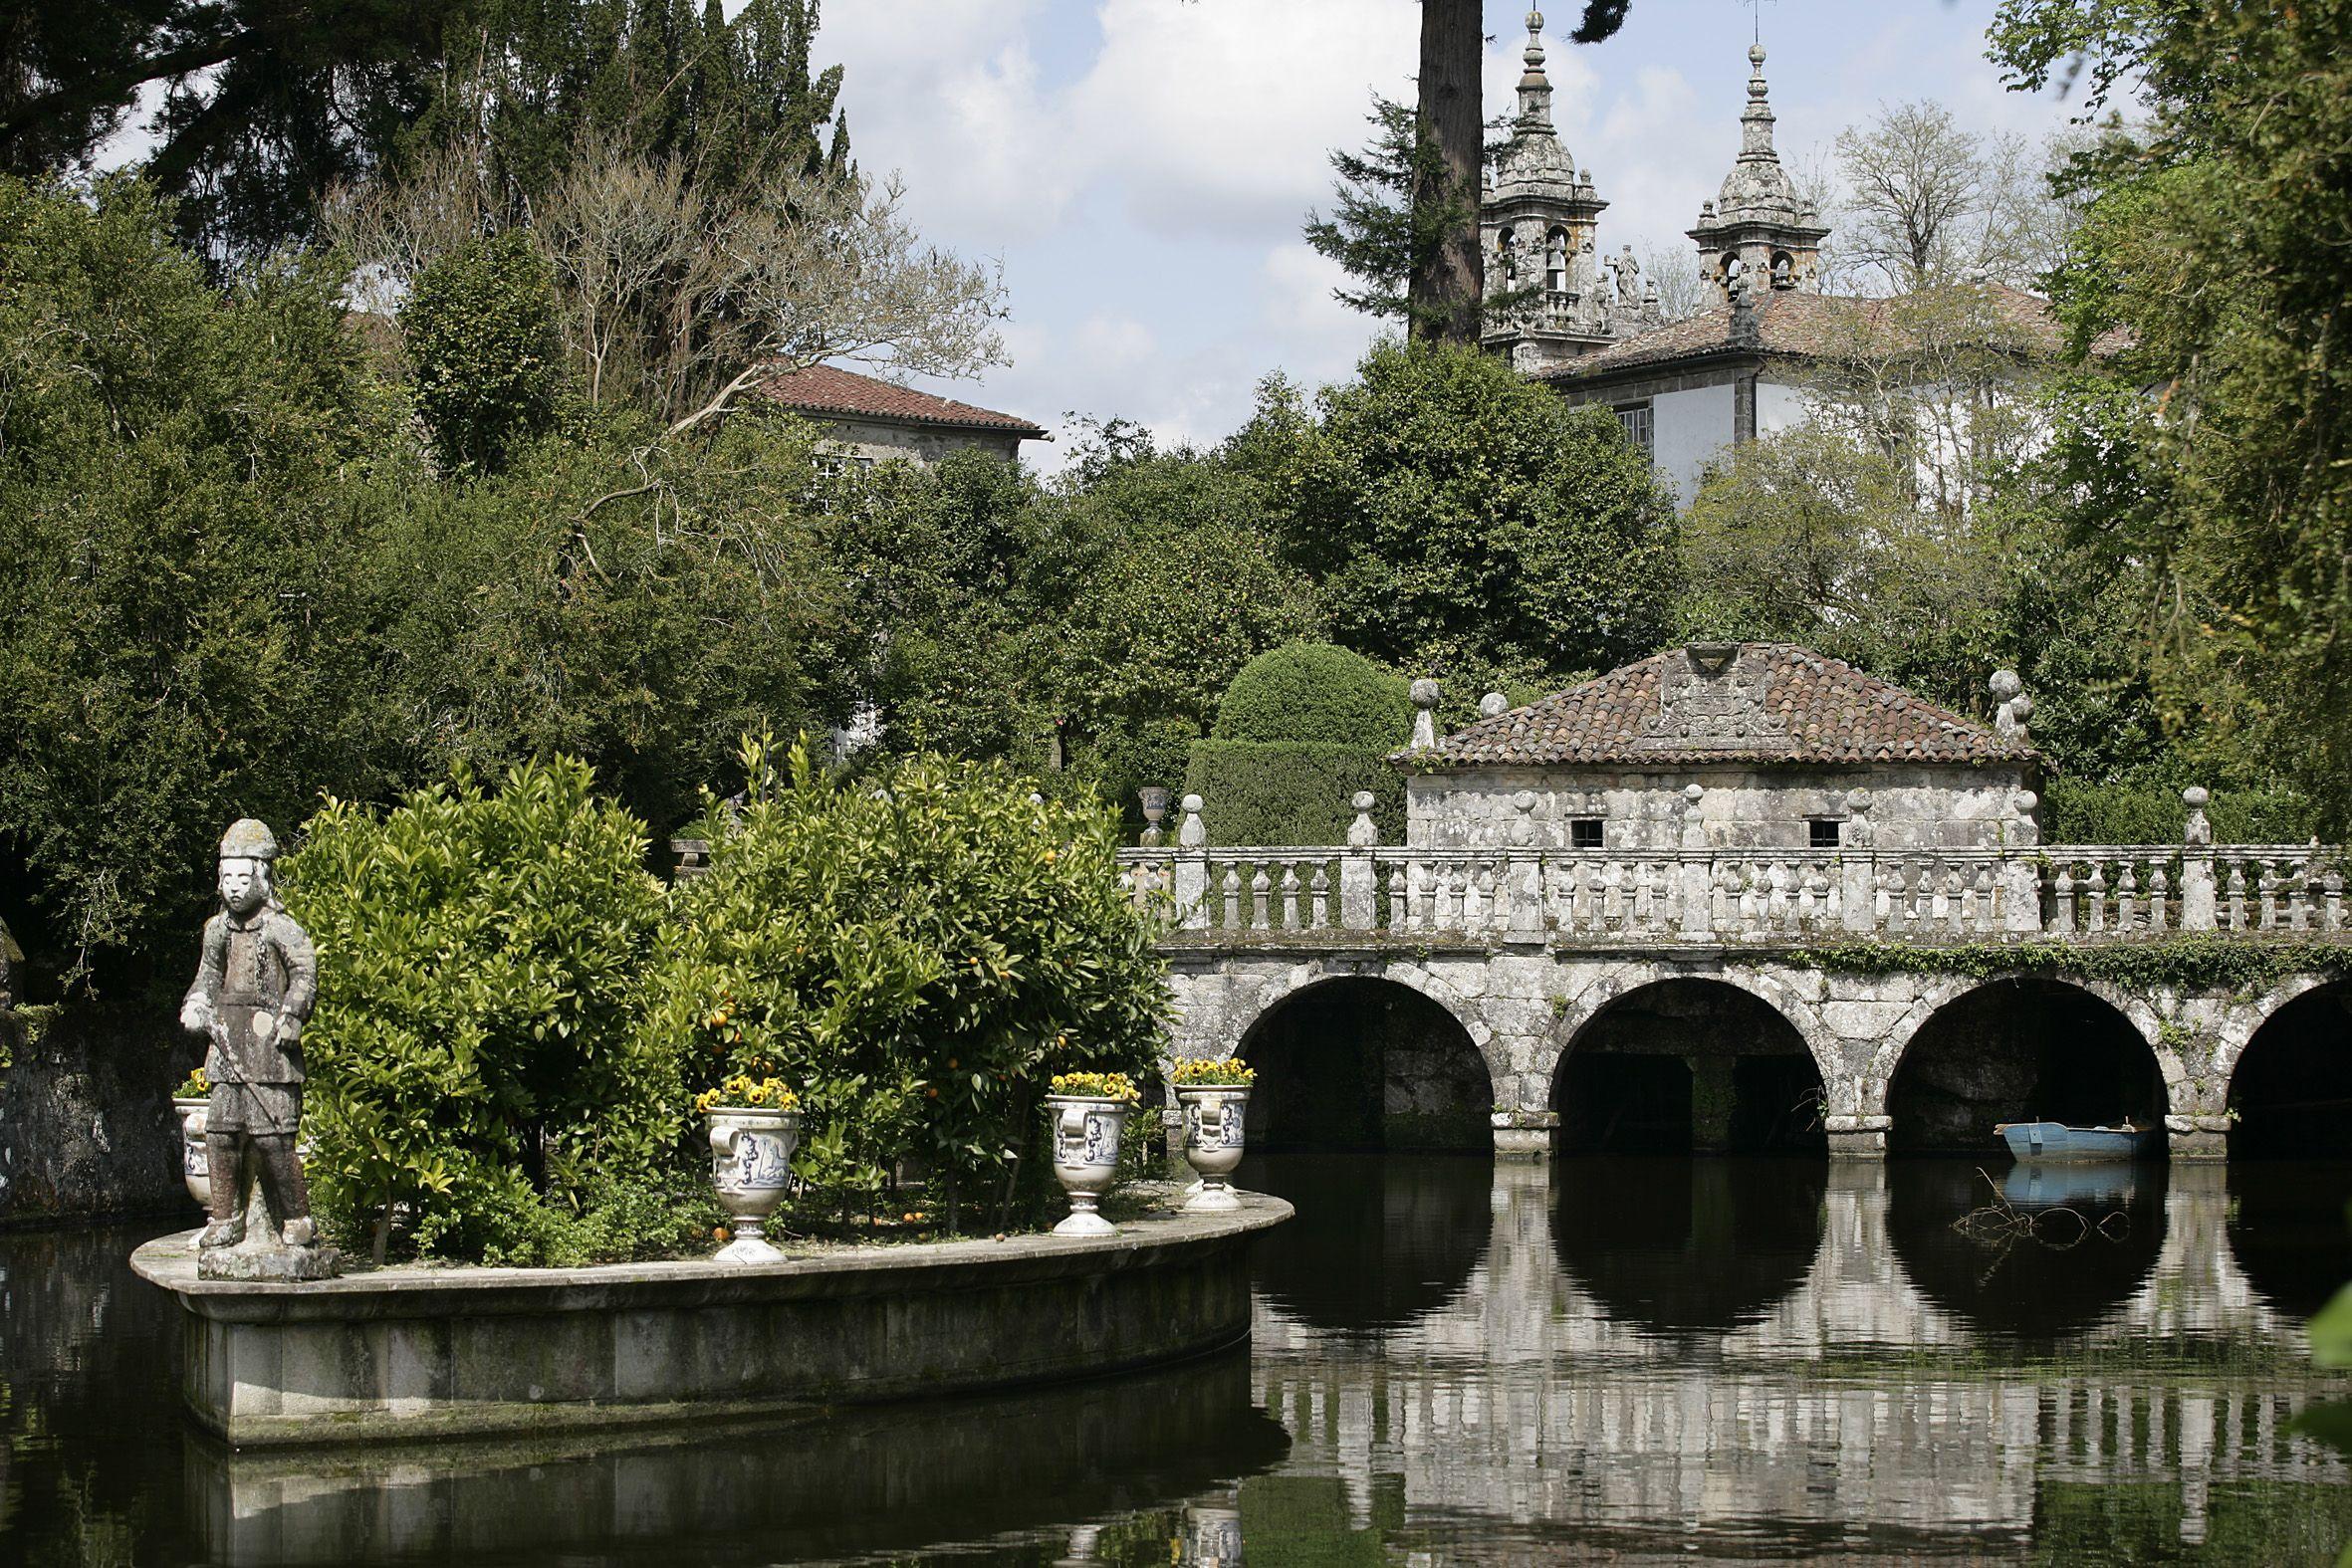 Jardines del pazo de oca a estrada pontevedra galicia for Jardines galicia